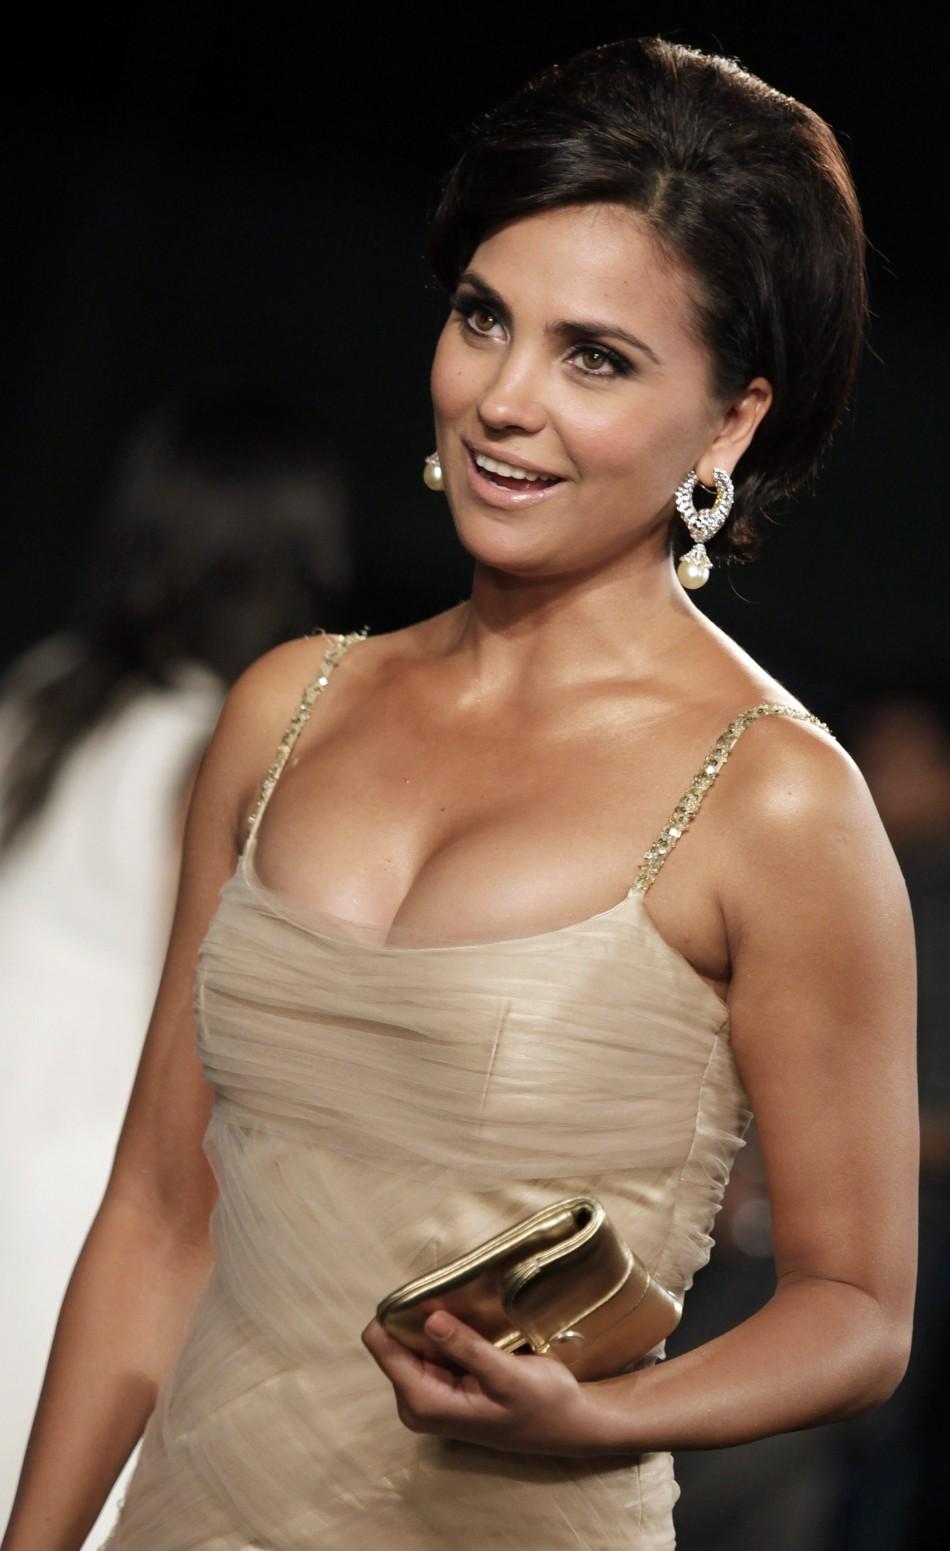 Lara datta nude Nude Photos 51